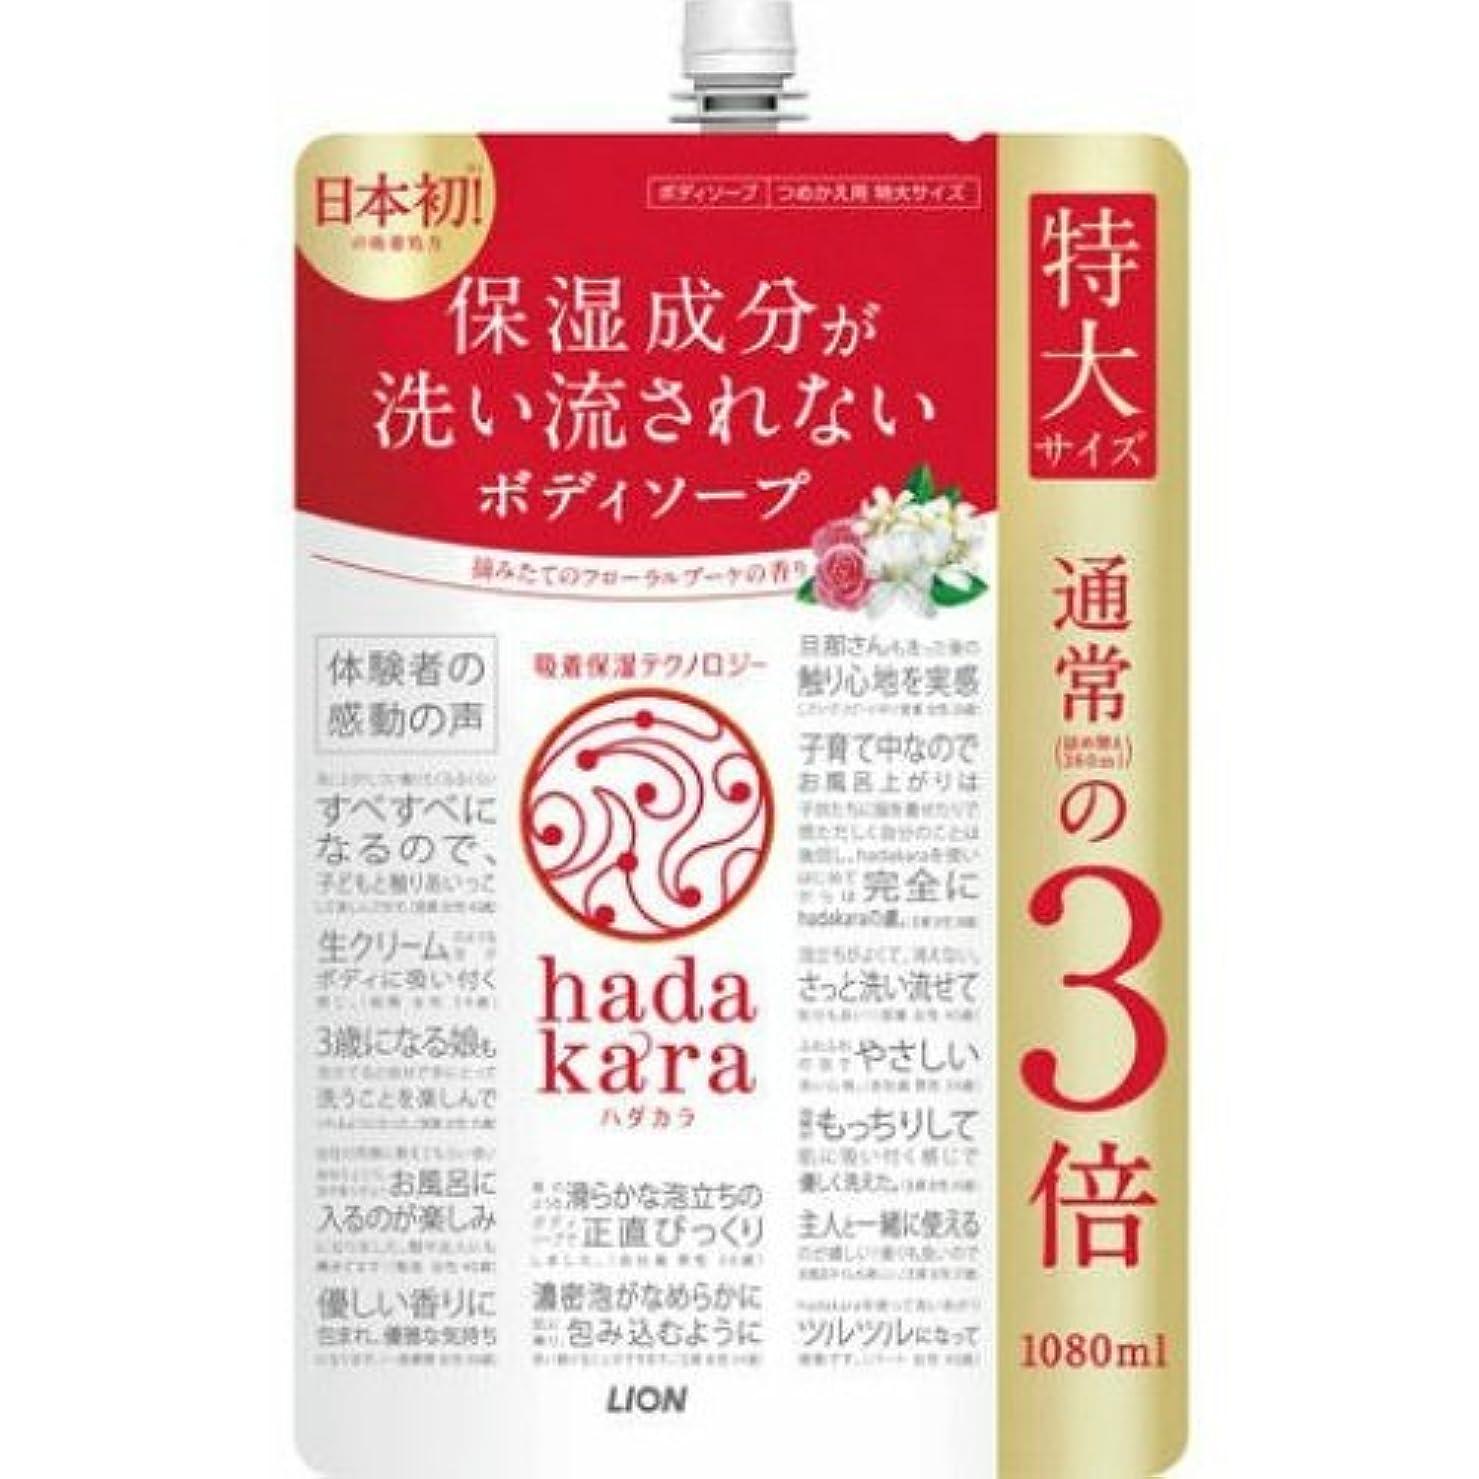 種正当化するひいきにするLION ライオン hadakara ハダカラ ボディソープ フローラルブーケの香り つめかえ用 特大サイズ 1080ml ×3点セット(4903301260875)